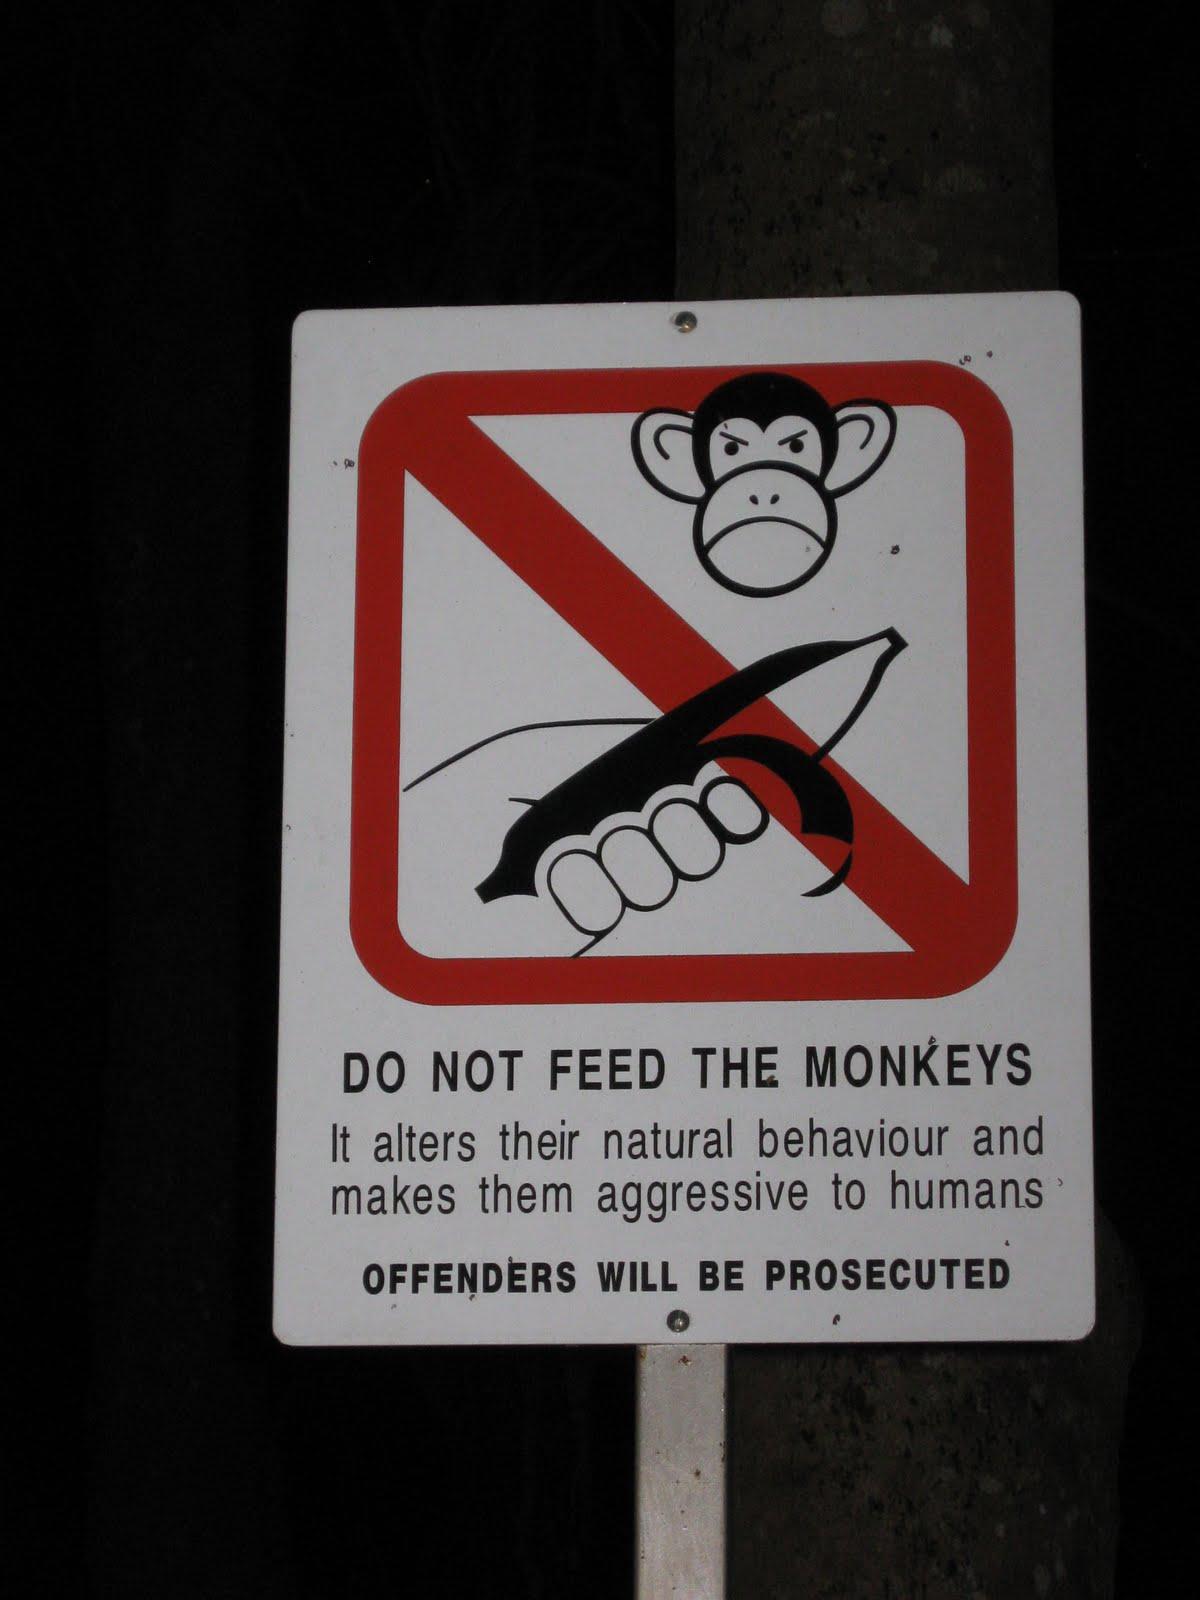 http://1.bp.blogspot.com/-P0IlE7i81Xg/TgnErYCSERI/AAAAAAAAAI8/kMaaiTaV28Y/s1600/Funny+Signs+-+don%2527t+feed+monkeys.JPG